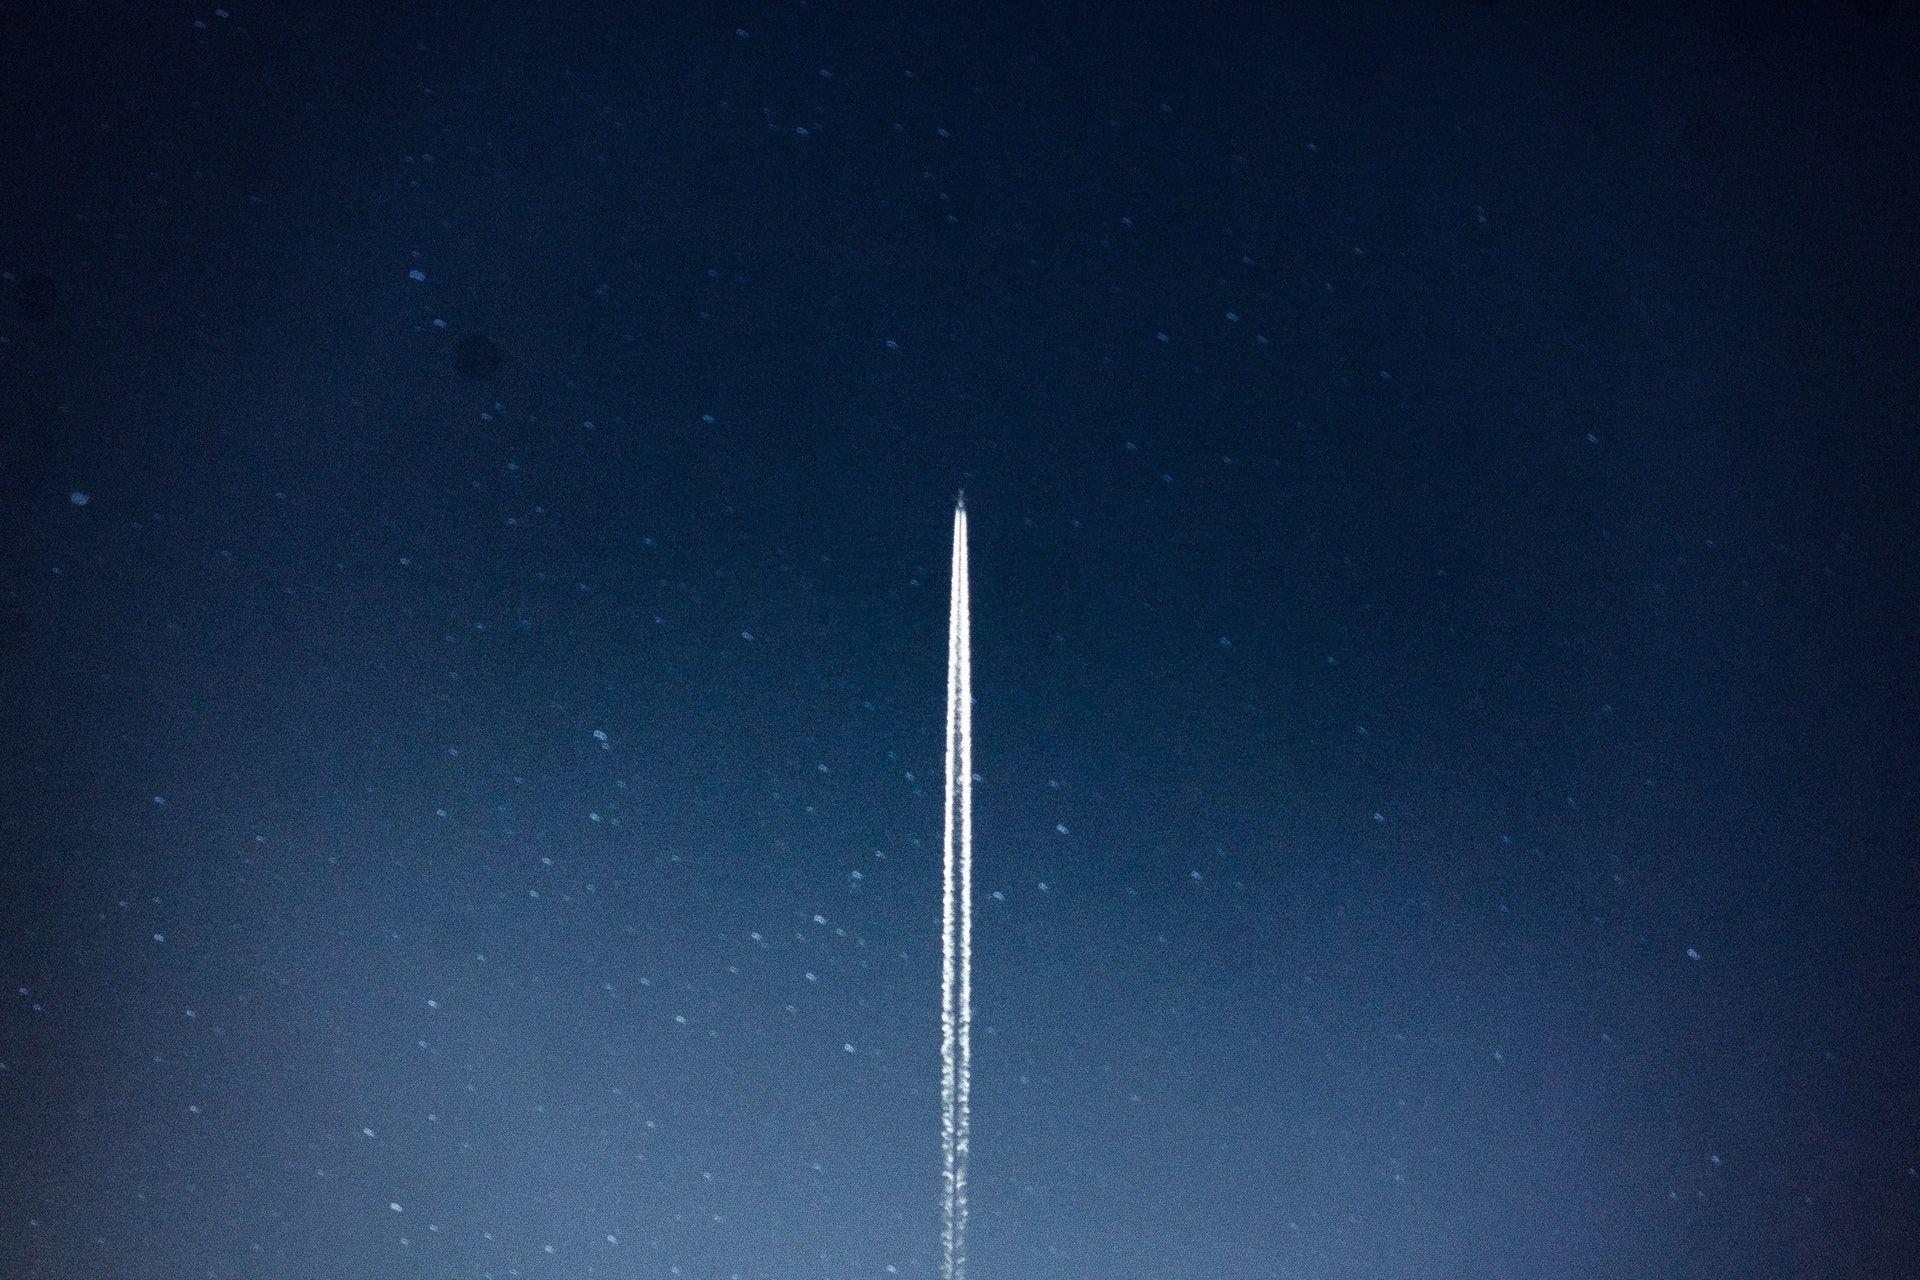 عکس زمینه شاتل فضایی در شب پس زمینه